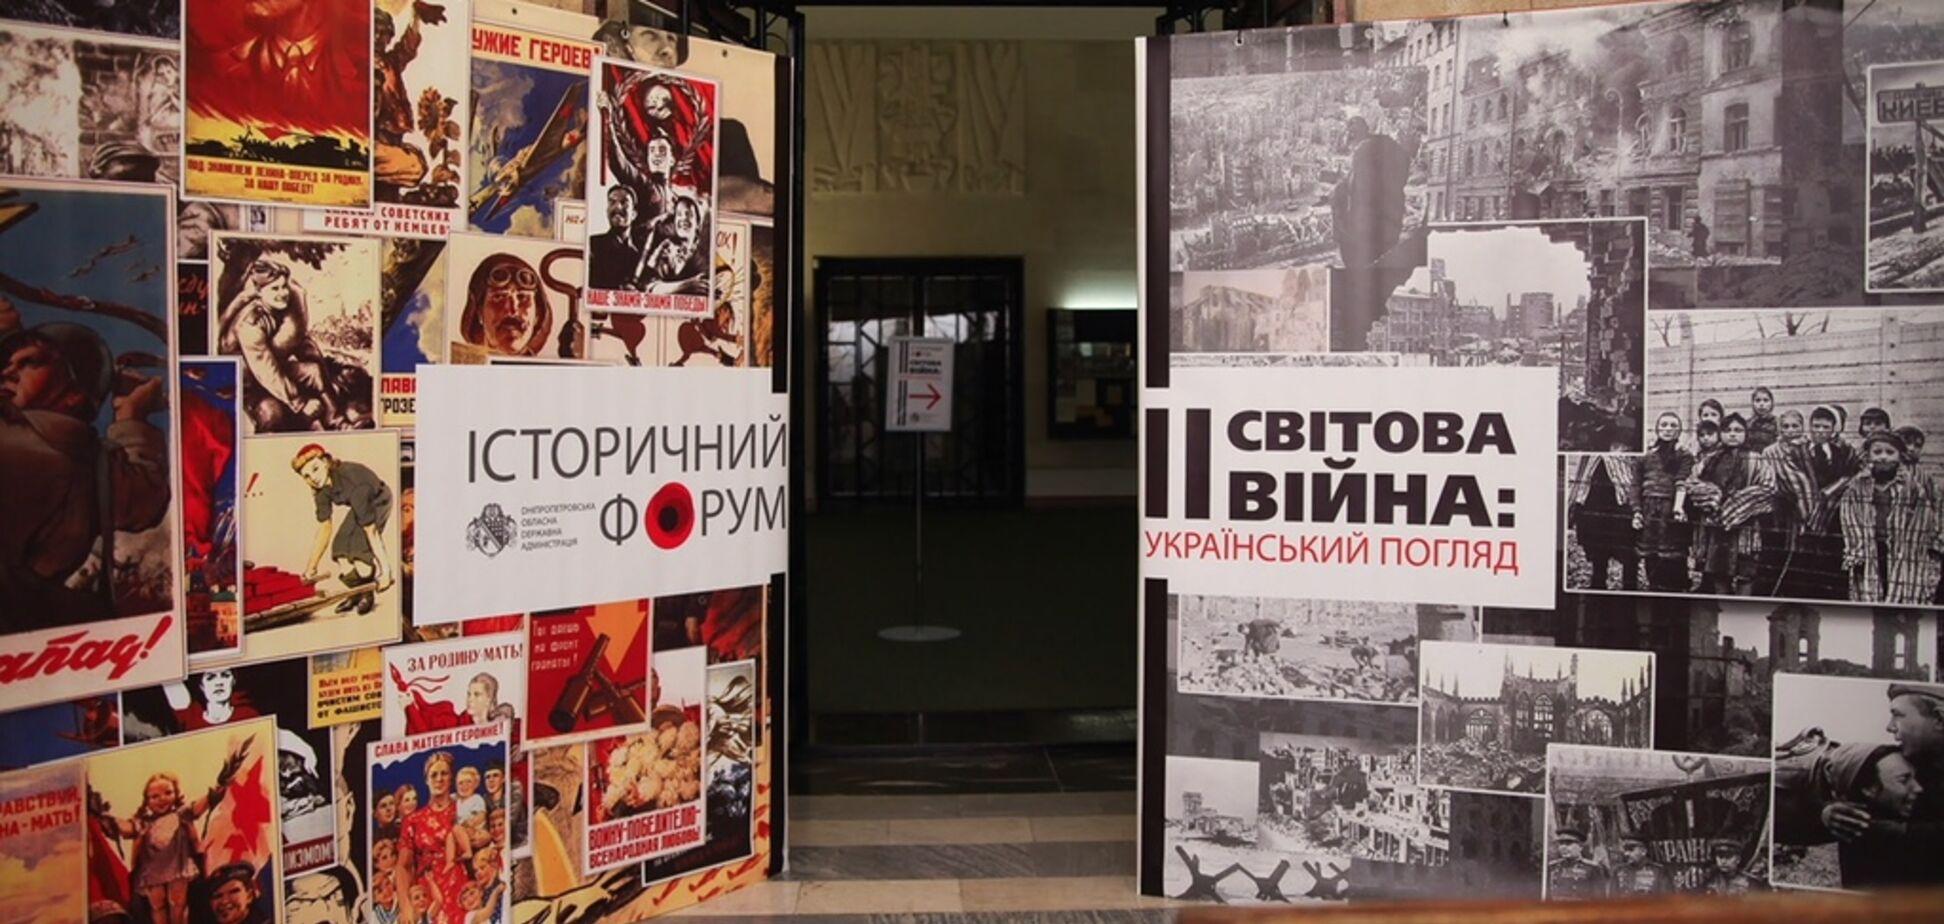 Голик: исторический форум в Днепре - свежий взгляд на Вторую мировую войну